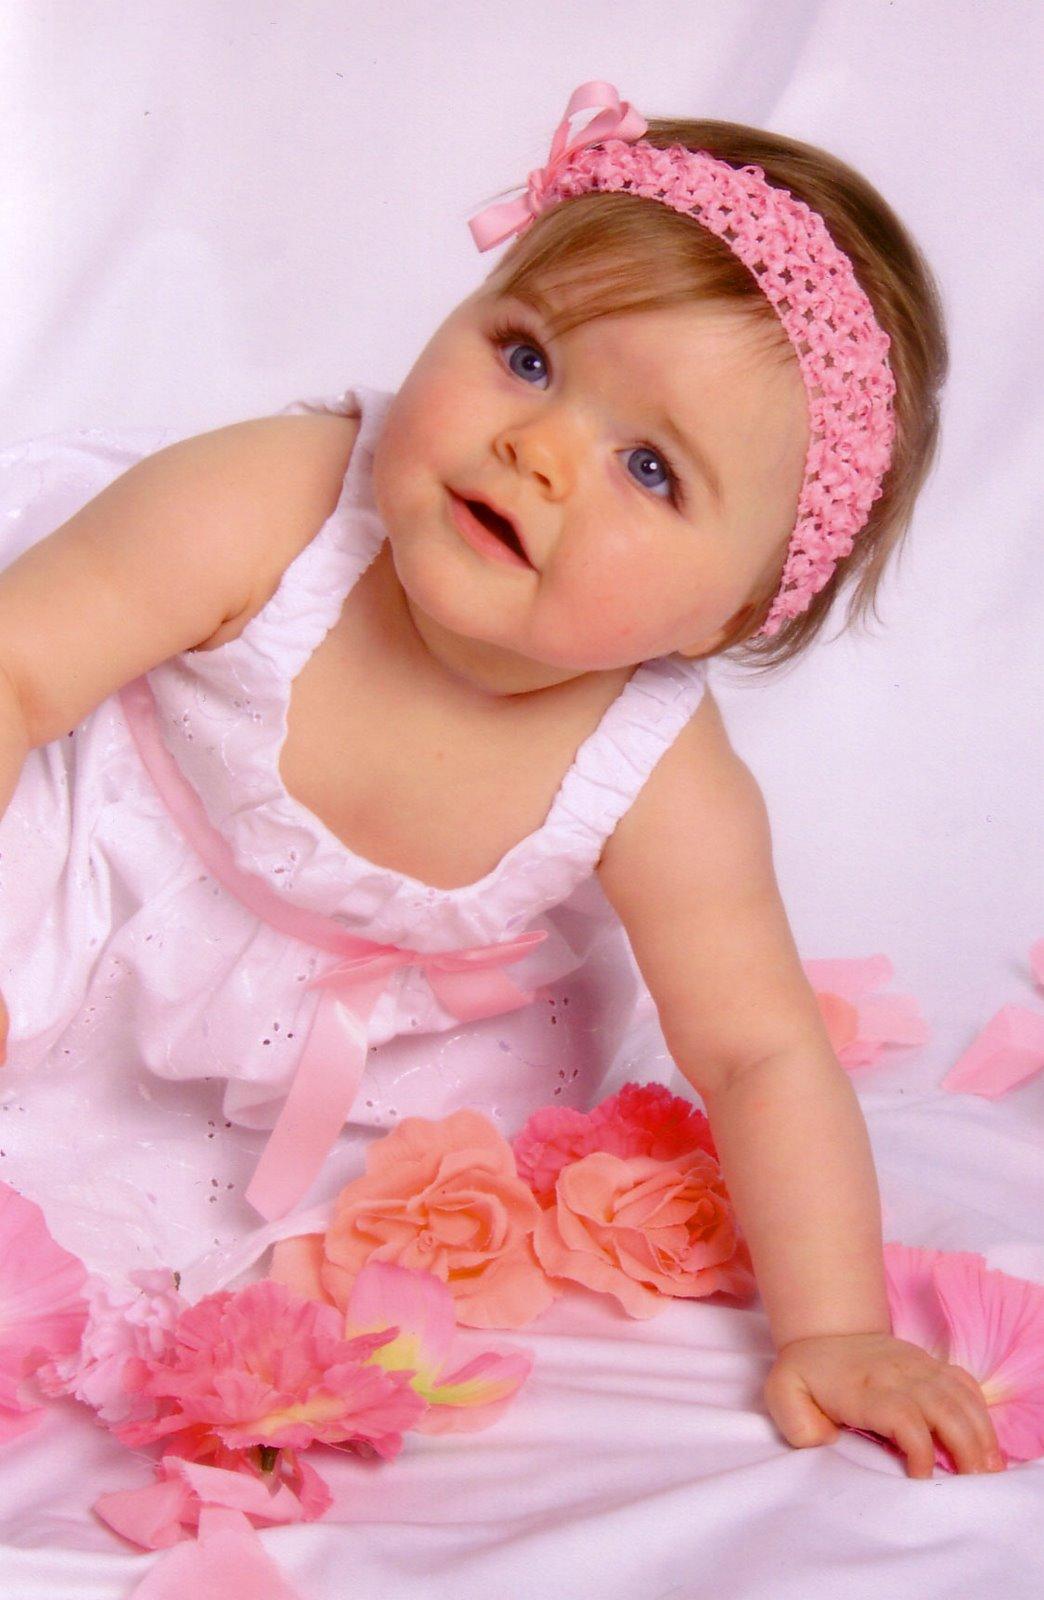 pics photos new baby - photo #11